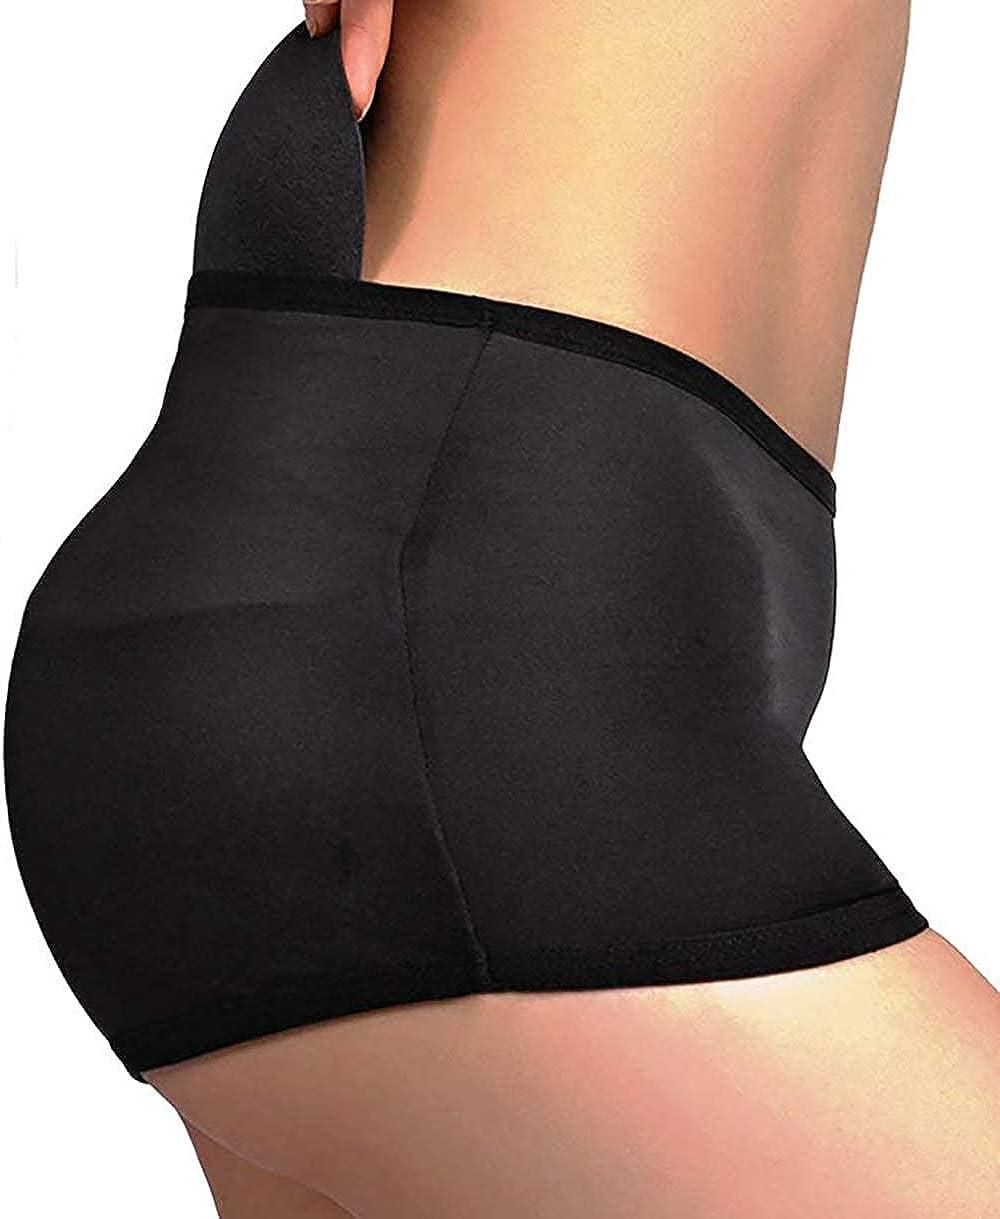 Women Padded Butt Lifter Underwear Sha Ranking TOP19 Panties 70% OFF Outlet Hip Pads Enhancer